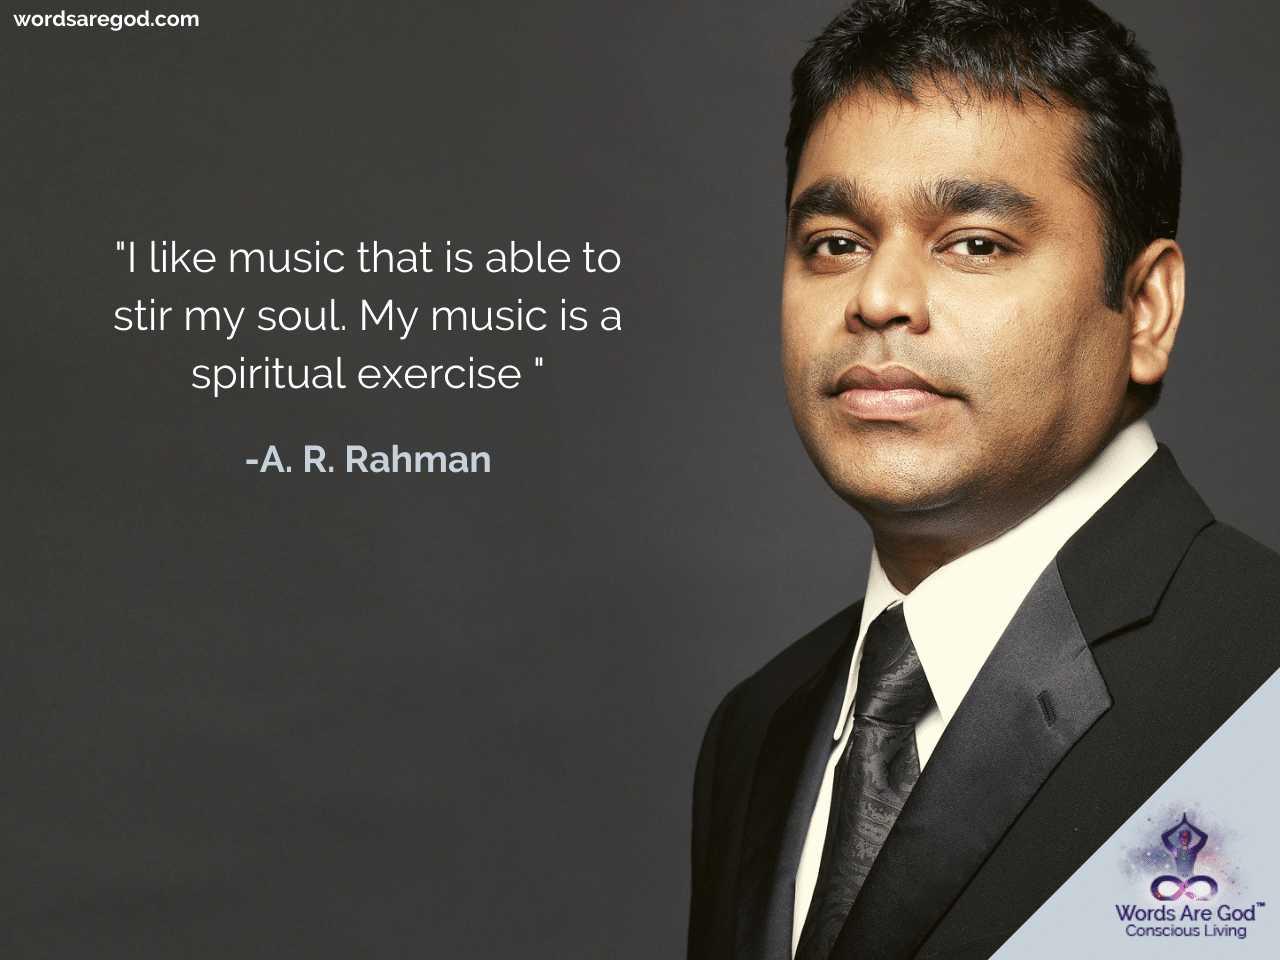 A. R. Rahman Quotes by A.R.Rahman